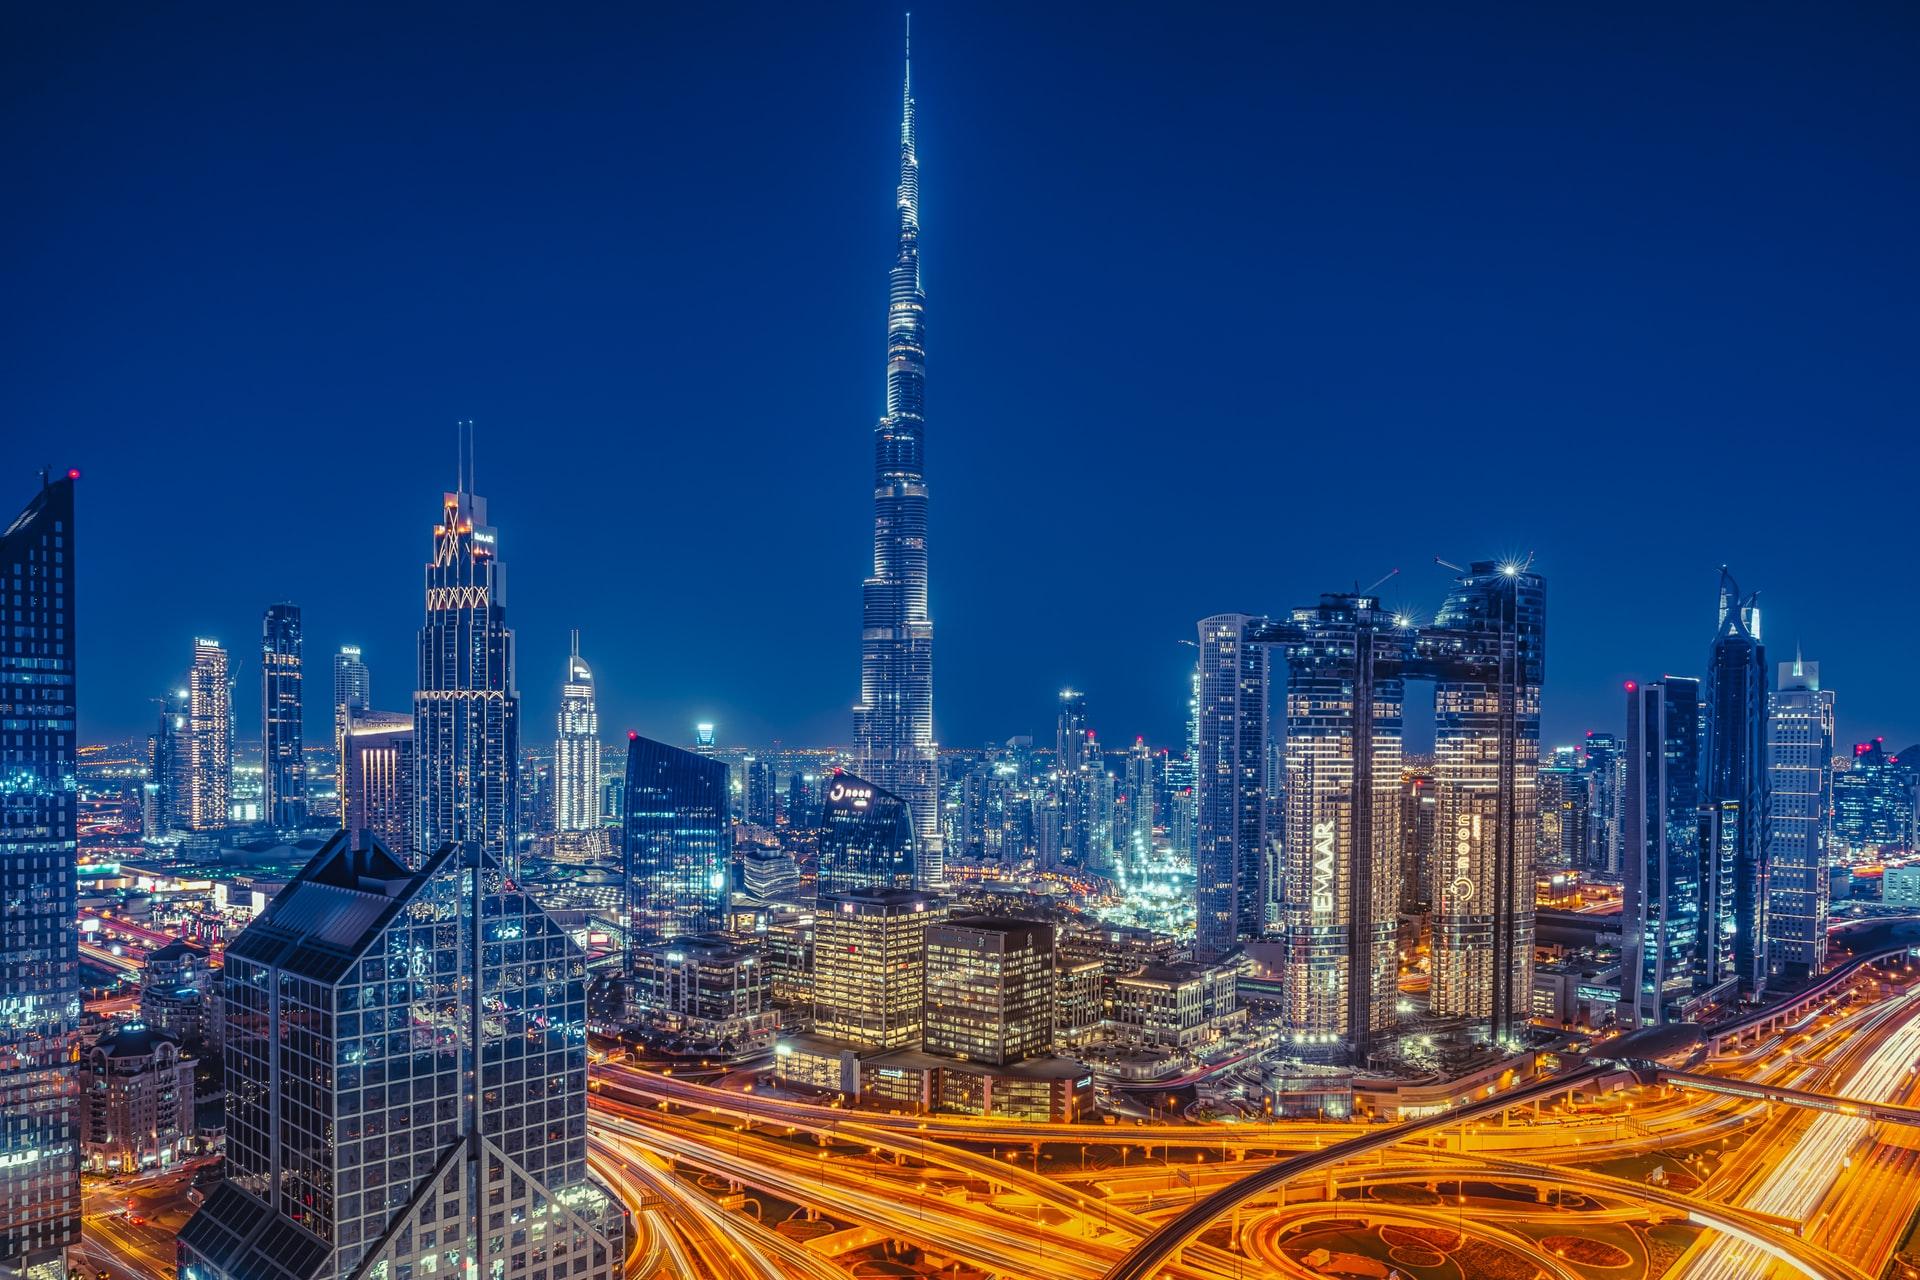 Ντουμπάι Οργανωμένη Εκδρομή 6 μέρες